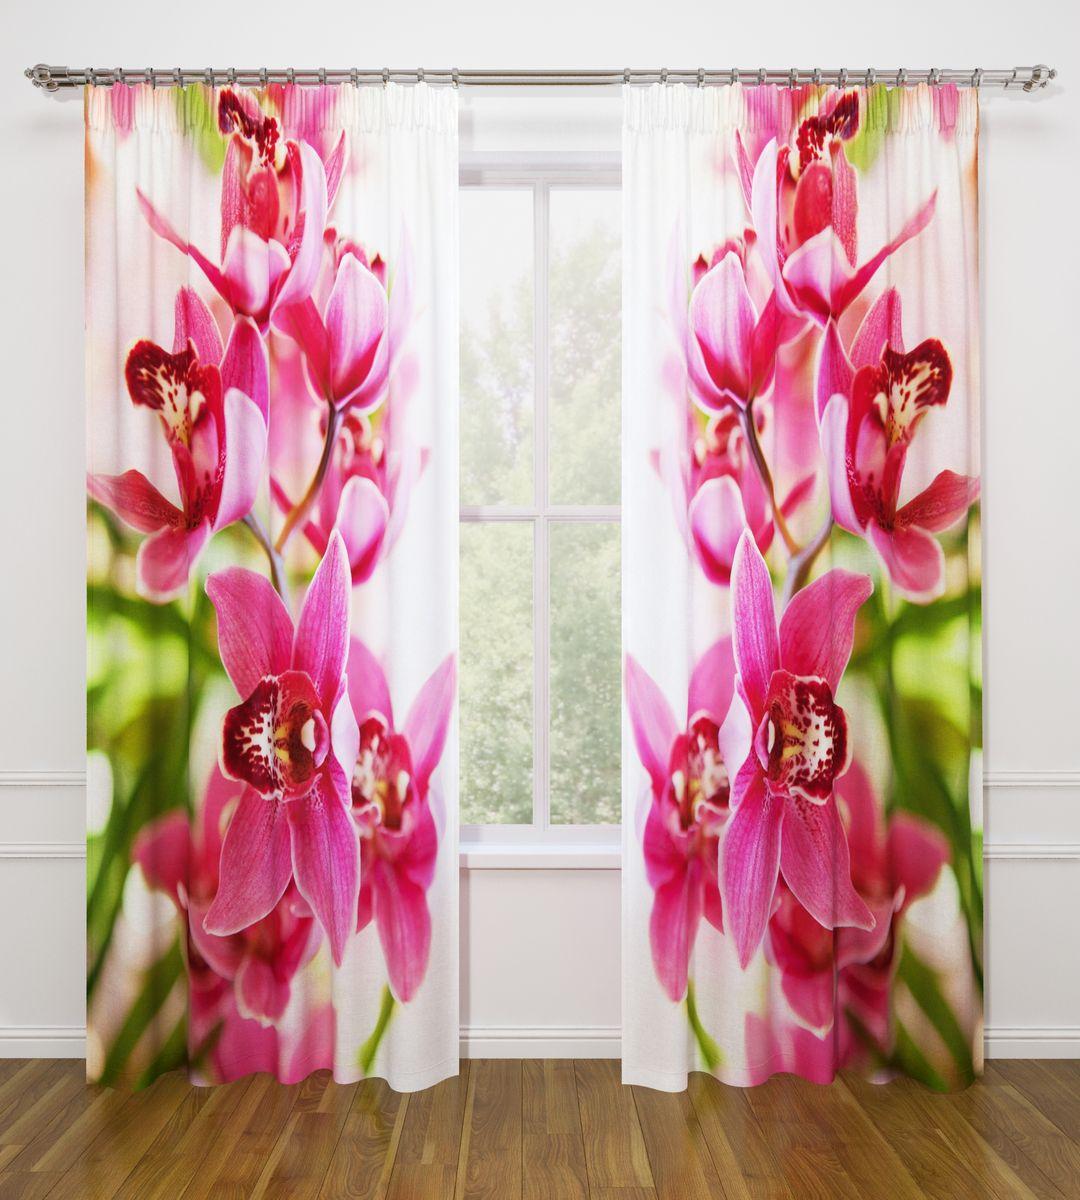 Комплект фотоштор Стильный дом Душистая орхидея, на ленте, высота 260 смСД-07588-ФШ-ГБ-001Фотошторы Стильный дом из ткани Габардин (100% полиэстер) отлично дополнят дизайн любого интерьера. Габардин имеет небольшую плотность, ткань хорошо пропускает воздух и солнечный свет. Ткань хорошо держит форму, не требует специального ухода. Качественное изображение перенесенное на наши шторы будет радовать каждый день. При изготовлении фотоштор используются современные материалы и гипоаллергенные краски.Крепление на карниз при помощи шторной ленты на крючки. Удобство монтажа - регулируемая высота без подшива с помощью клеевой ленты. В комплекте: 2 портьера: 145 х 260 см. Клеевая паутинка: 1шт. Инструкция для регулировки высоты штор.Рекомендации по уходу: стирка при 30 градусах, гладить при температуре до 110 градусов. Изображение на мониторе может немного отличаться от реального.